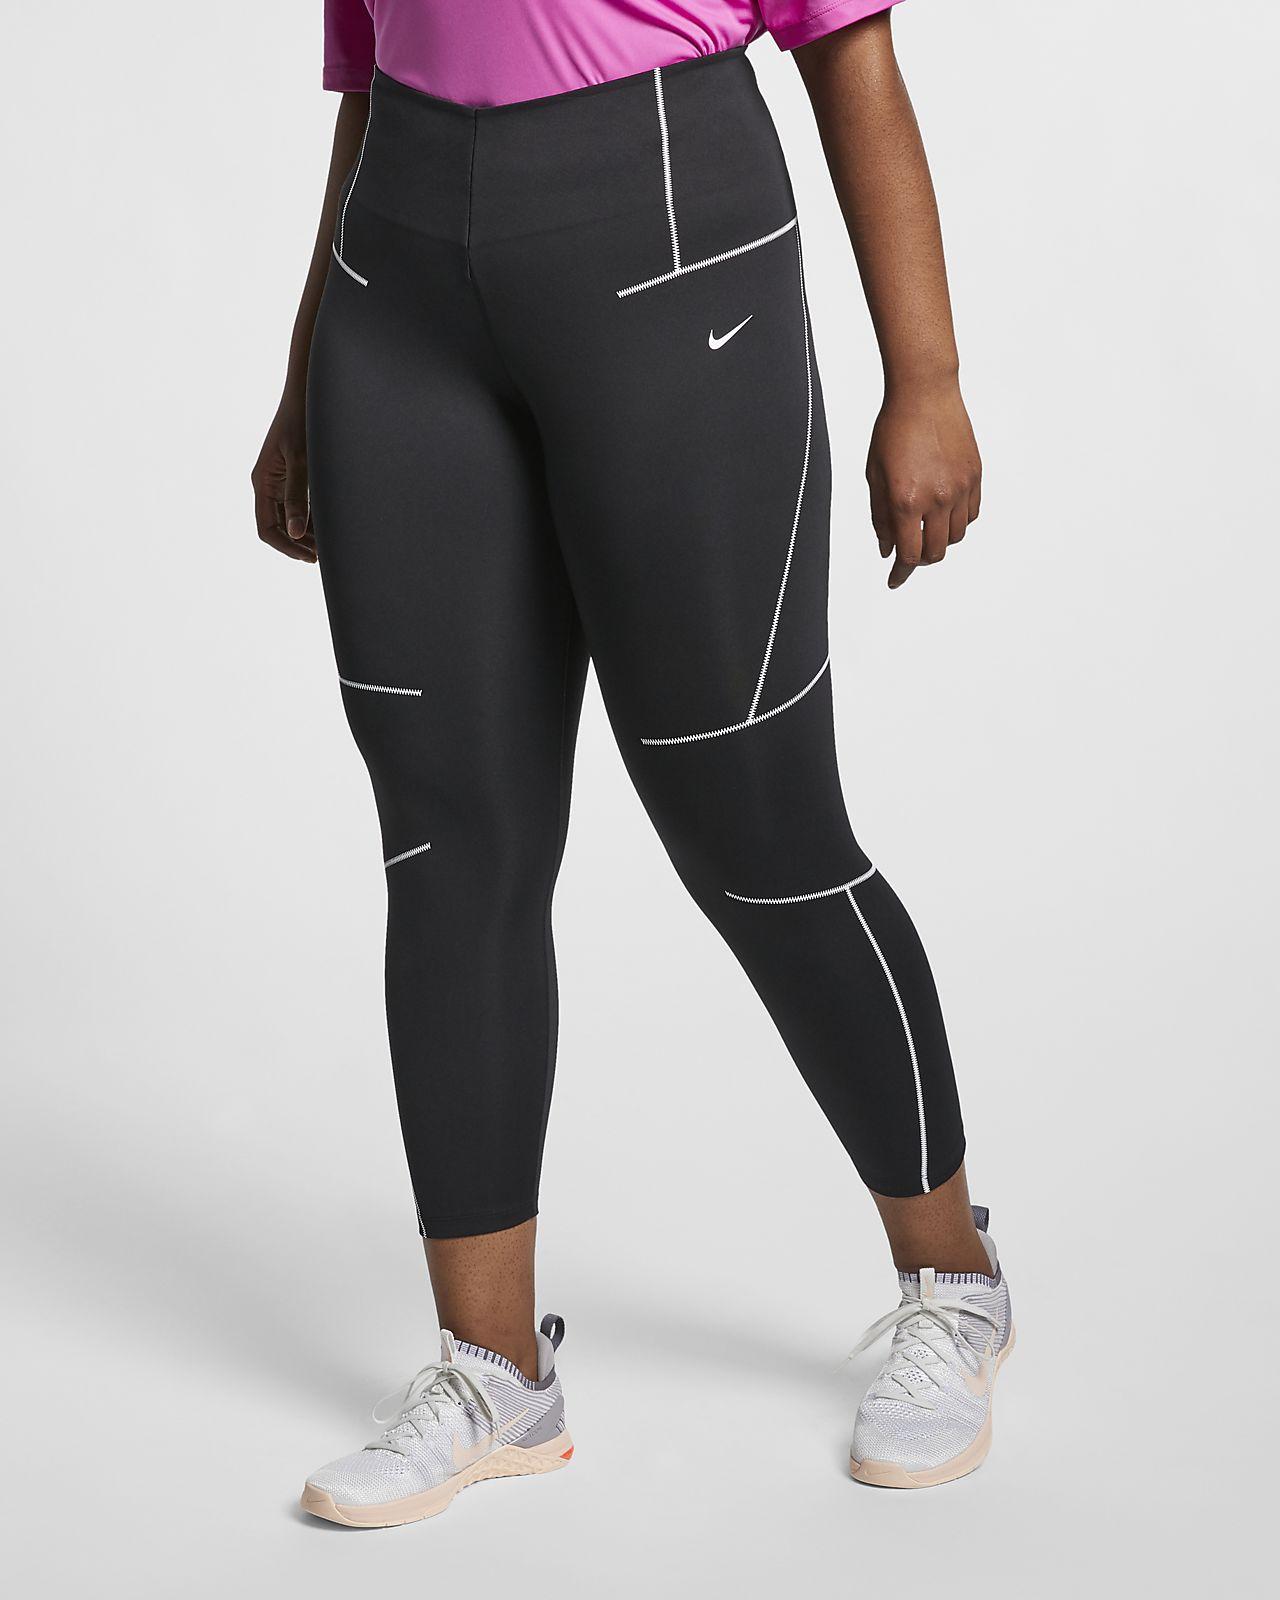 Женские тайтсы для тренинга Nike (большие размеры)